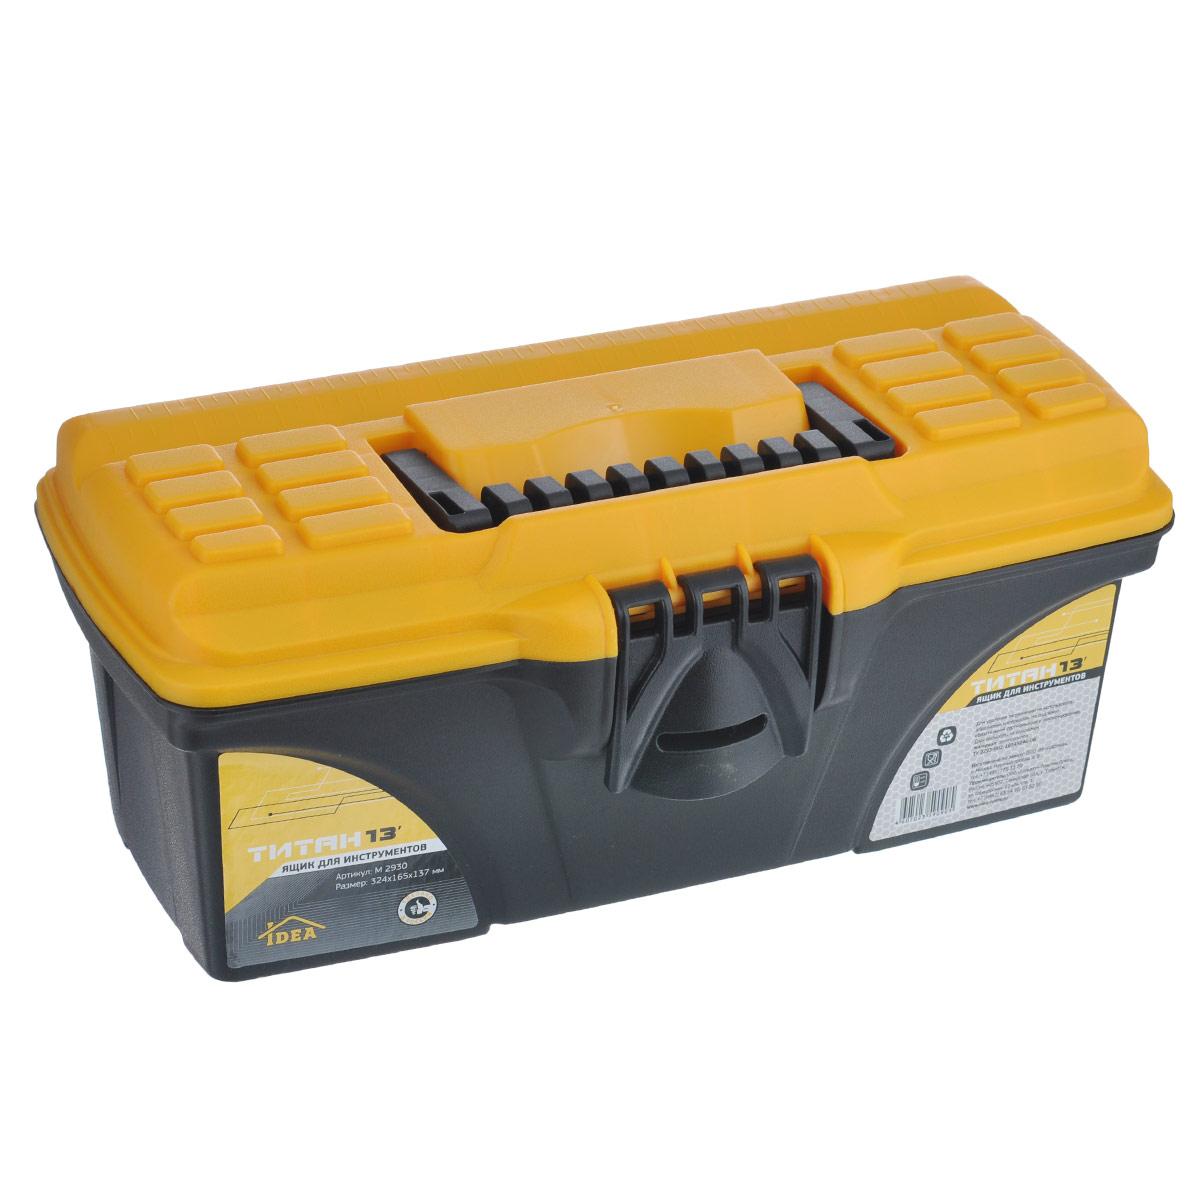 Ящик для инструментов Idea Титан 13, 32,4 х 16,5 х 13,7 смМ 2930Ящик Idea Титан 13 изготовлен из прочного пластика и предназначен для хранения и переноски инструментов. Вместительный, внутри имеет большое главное отделение. Крышка ящика оснащена линейкой. Для более комфортного переноса в руках, на крышке ящика предусмотрена удобная ручка.Ящик закрывается при помощи крепкой защелки, которая не допускает случайного открывания.